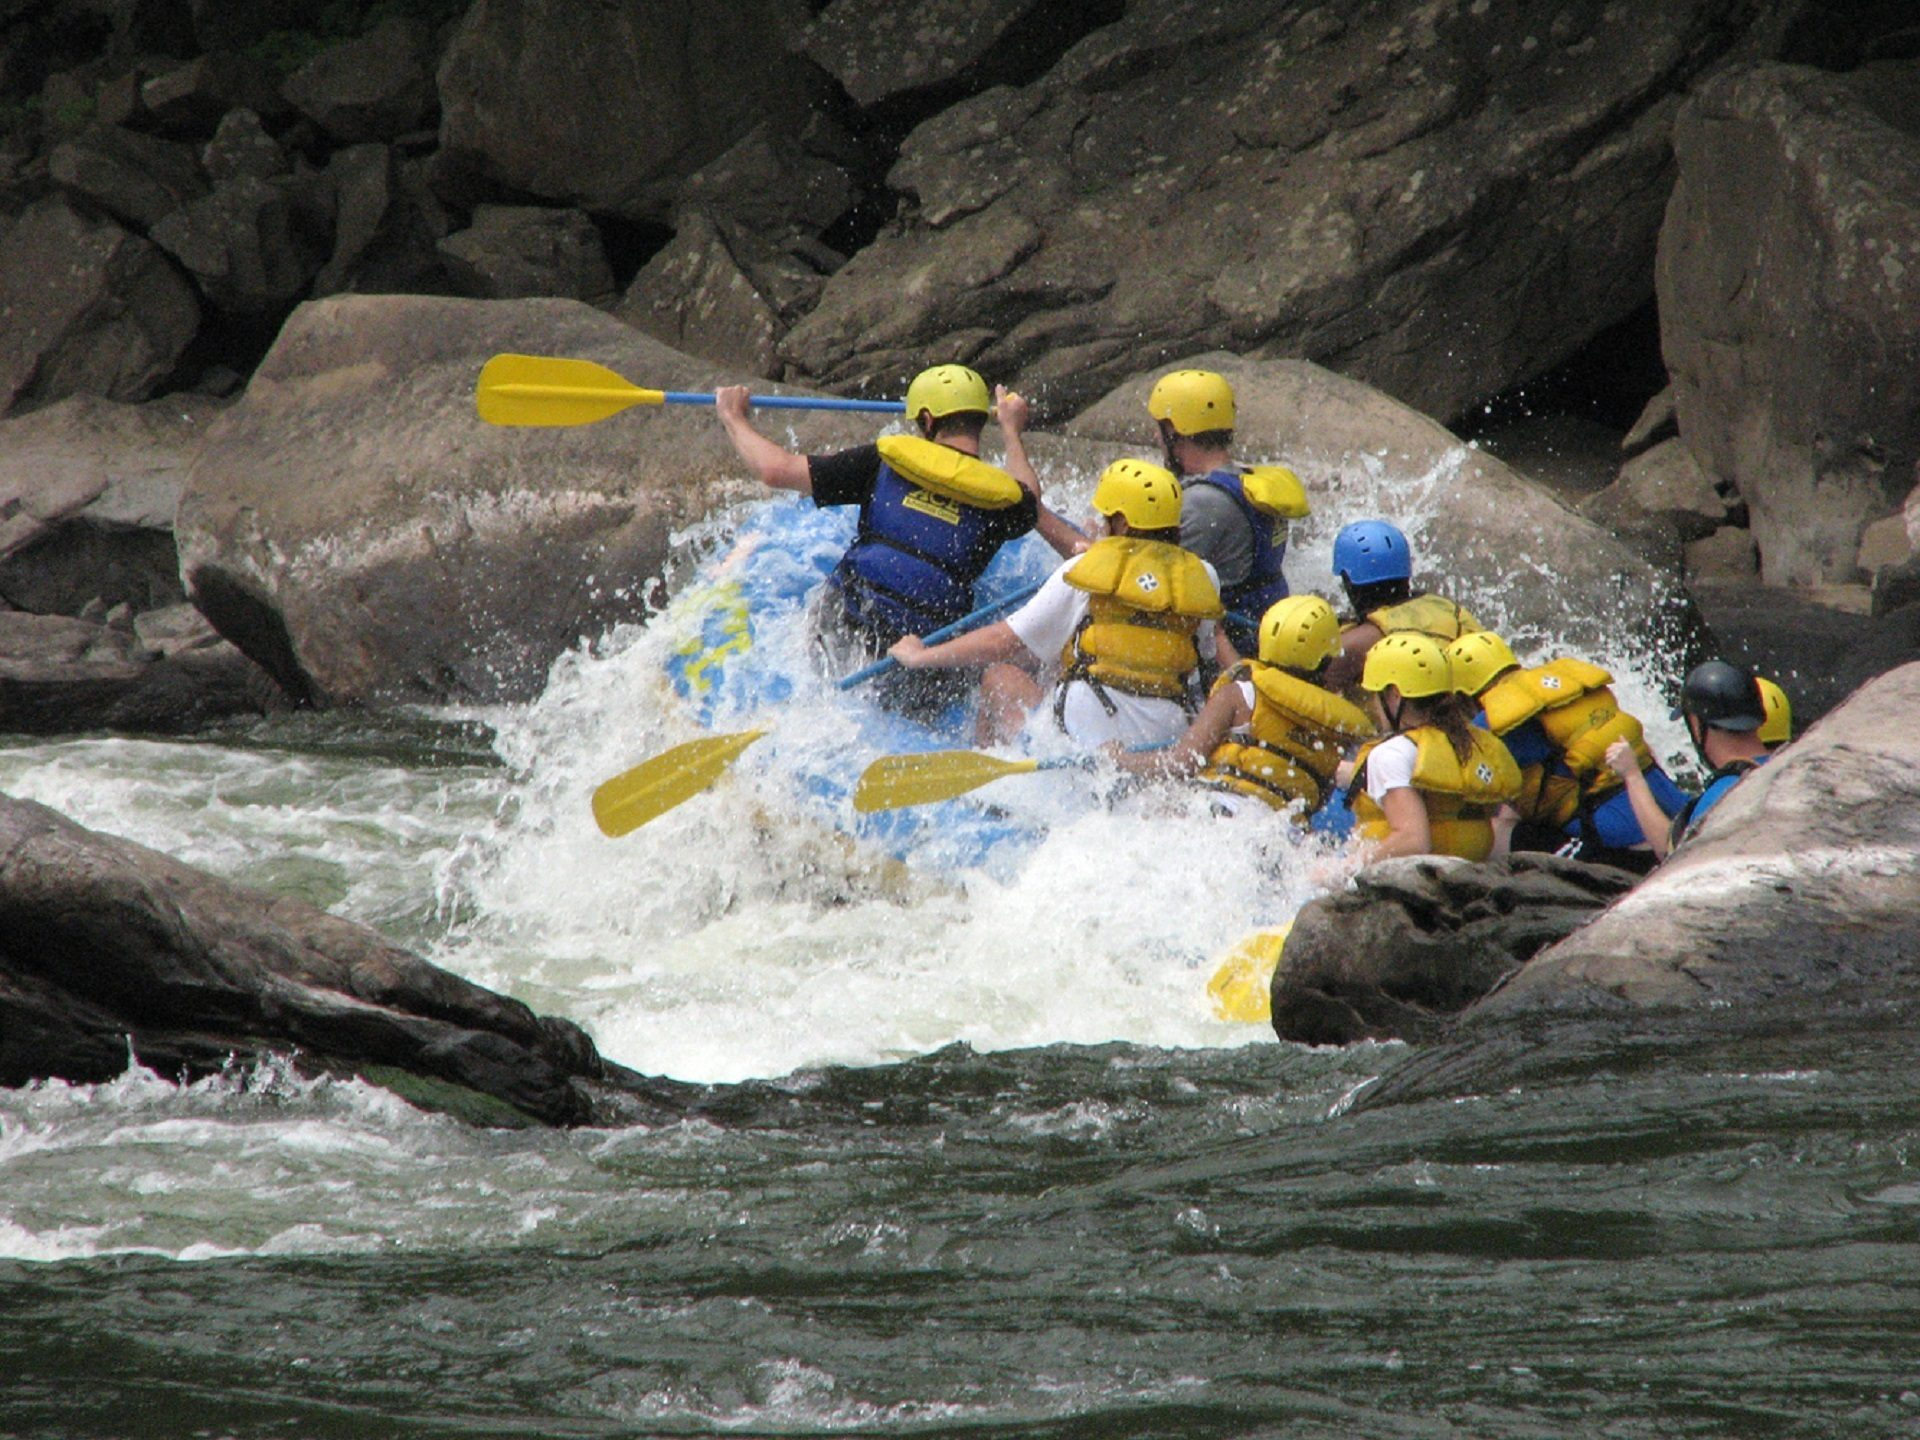 राफ्टिंग, तेजी से, नदी, साहसिक, जोखिम, पानी - HD वॉलपेपर - प्रोफेसर-falken.com